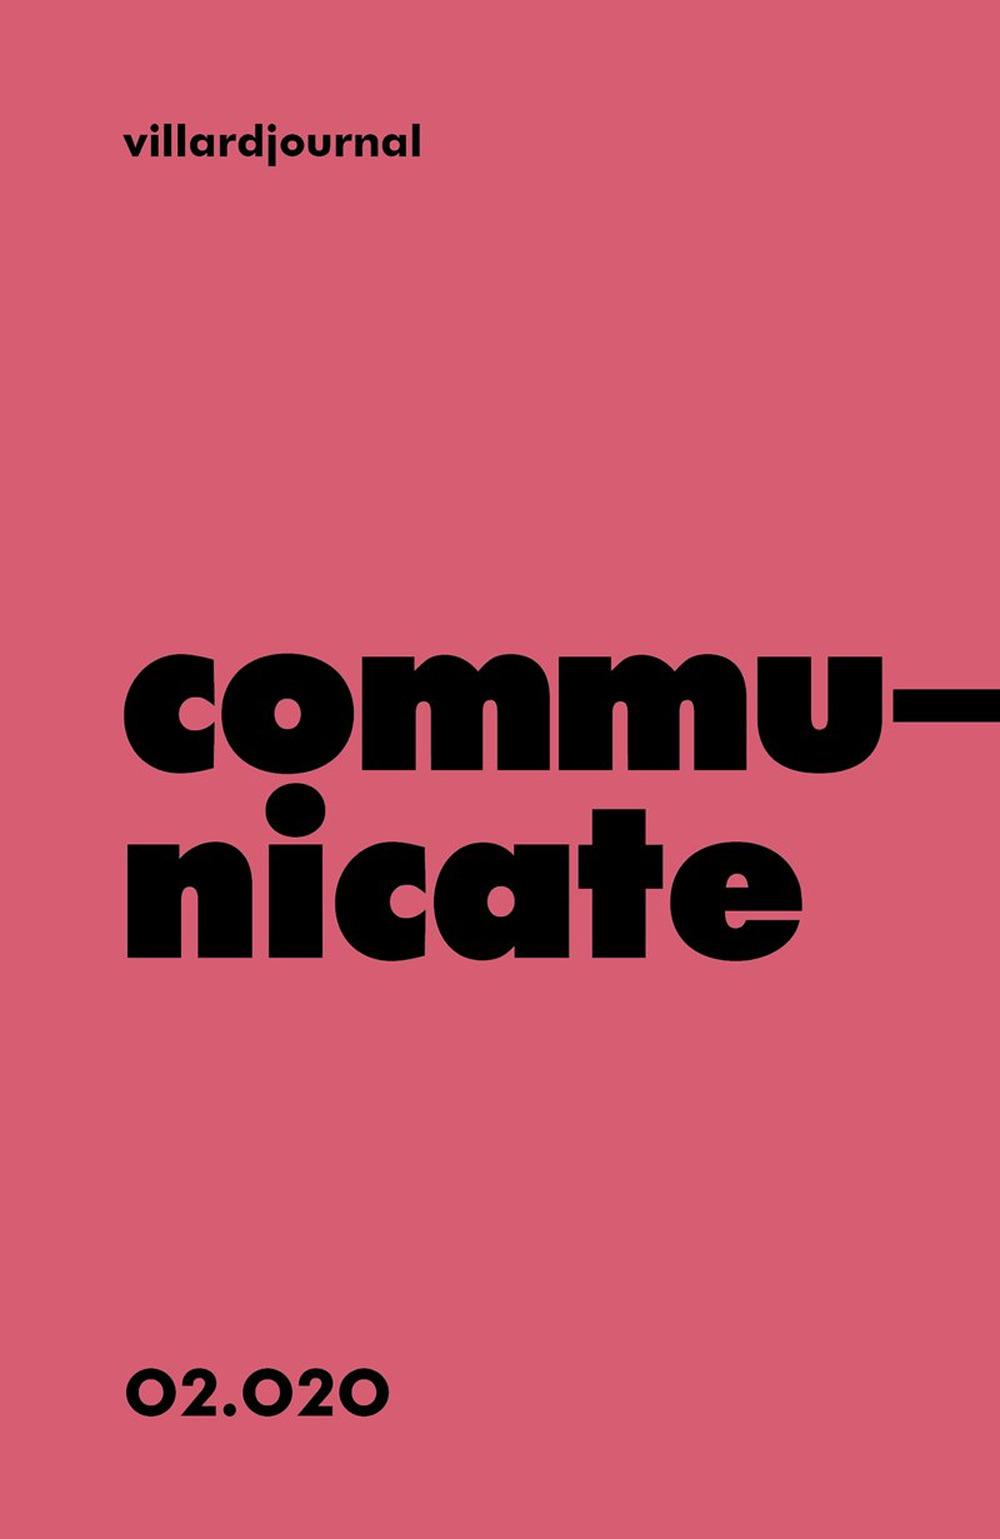 COMMUNICATE. VILLARDJOURNAL (2020)